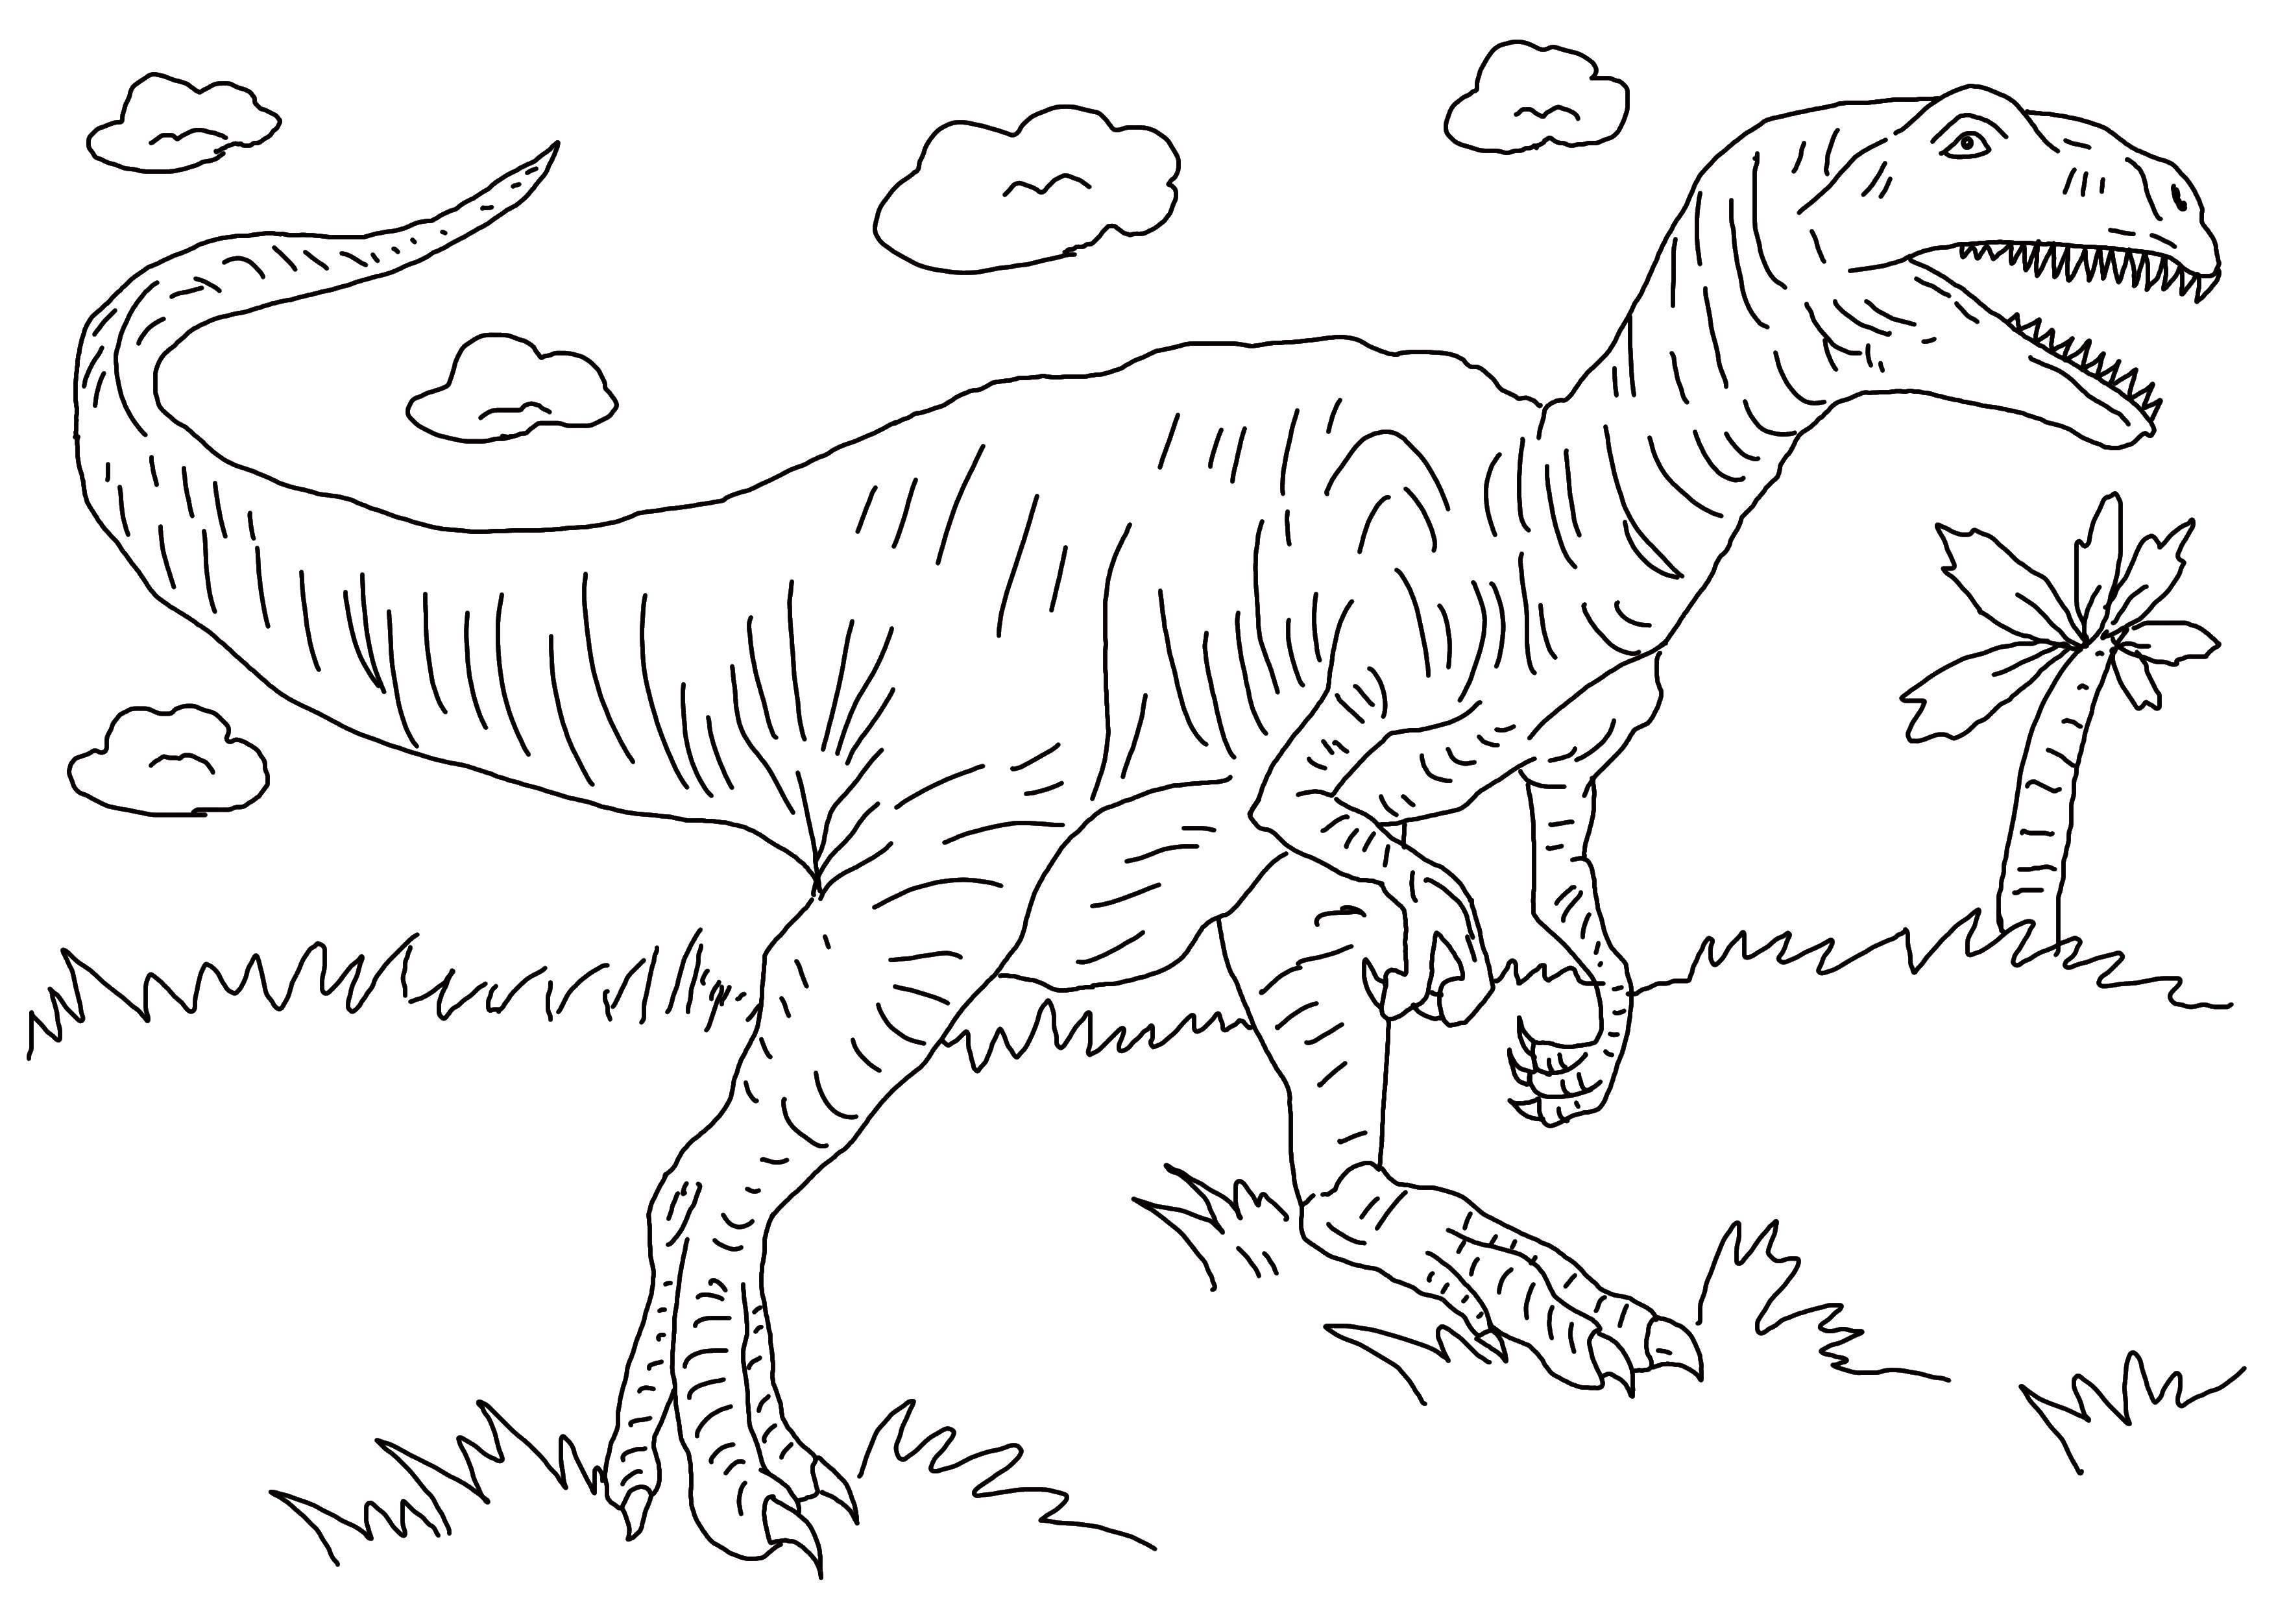 Раскраска Динозавр на траве Скачать динозавр, трава, хвост.  Распечатать ,динозавр,